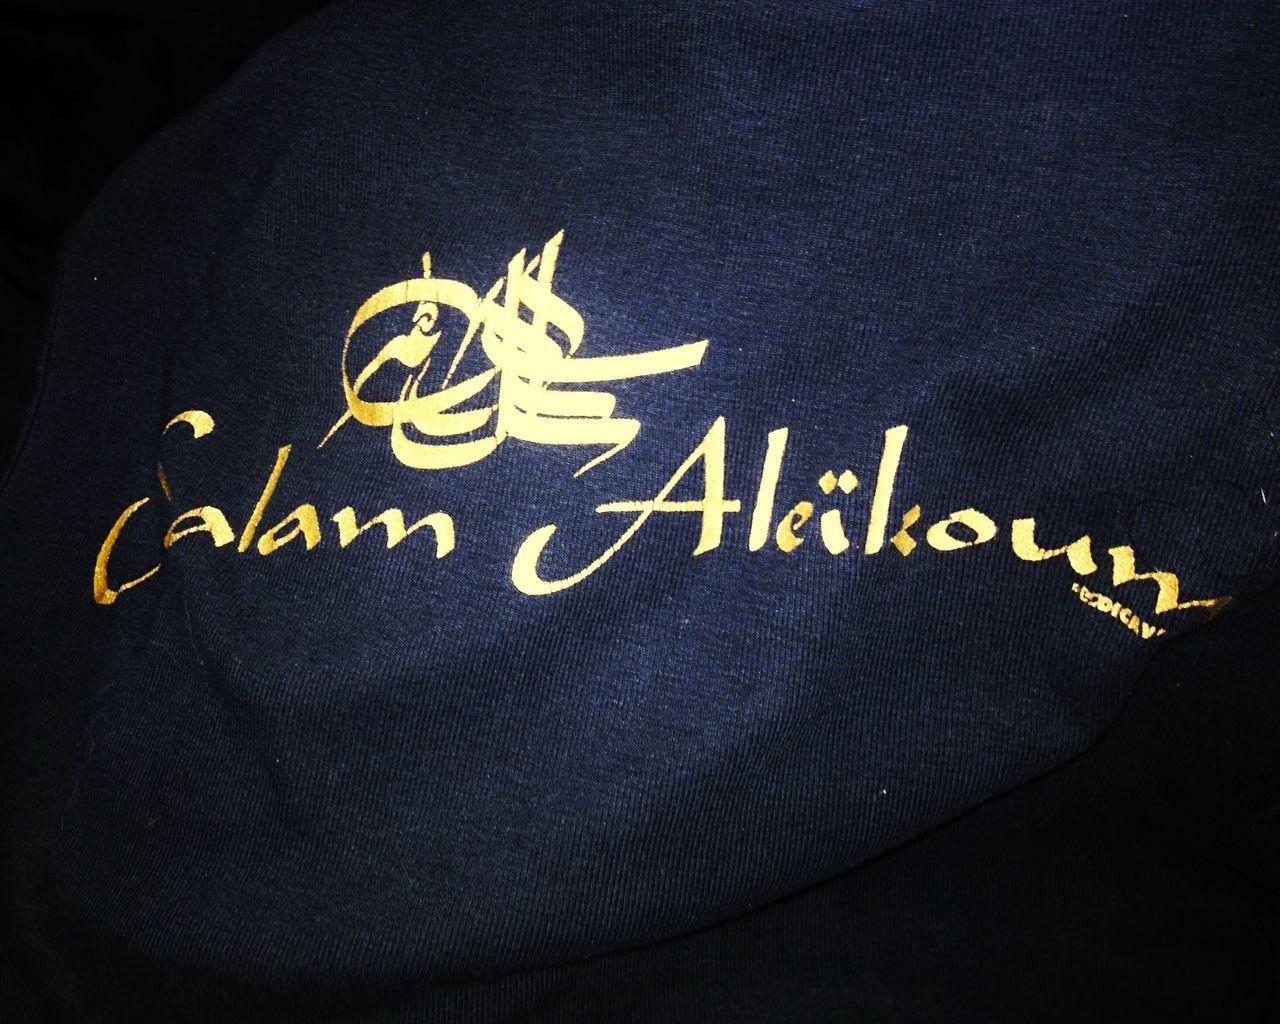 Promener un Staffie Bleu la nuit en portant un t-shirt de la tournée 1995 d'Assassin, mmmmh, à priori ce n'est pas ce soir qu'on va venir m'importuner XXXX Nouslesgentils Lhabitnefaitpaslemoine Ilovemydog